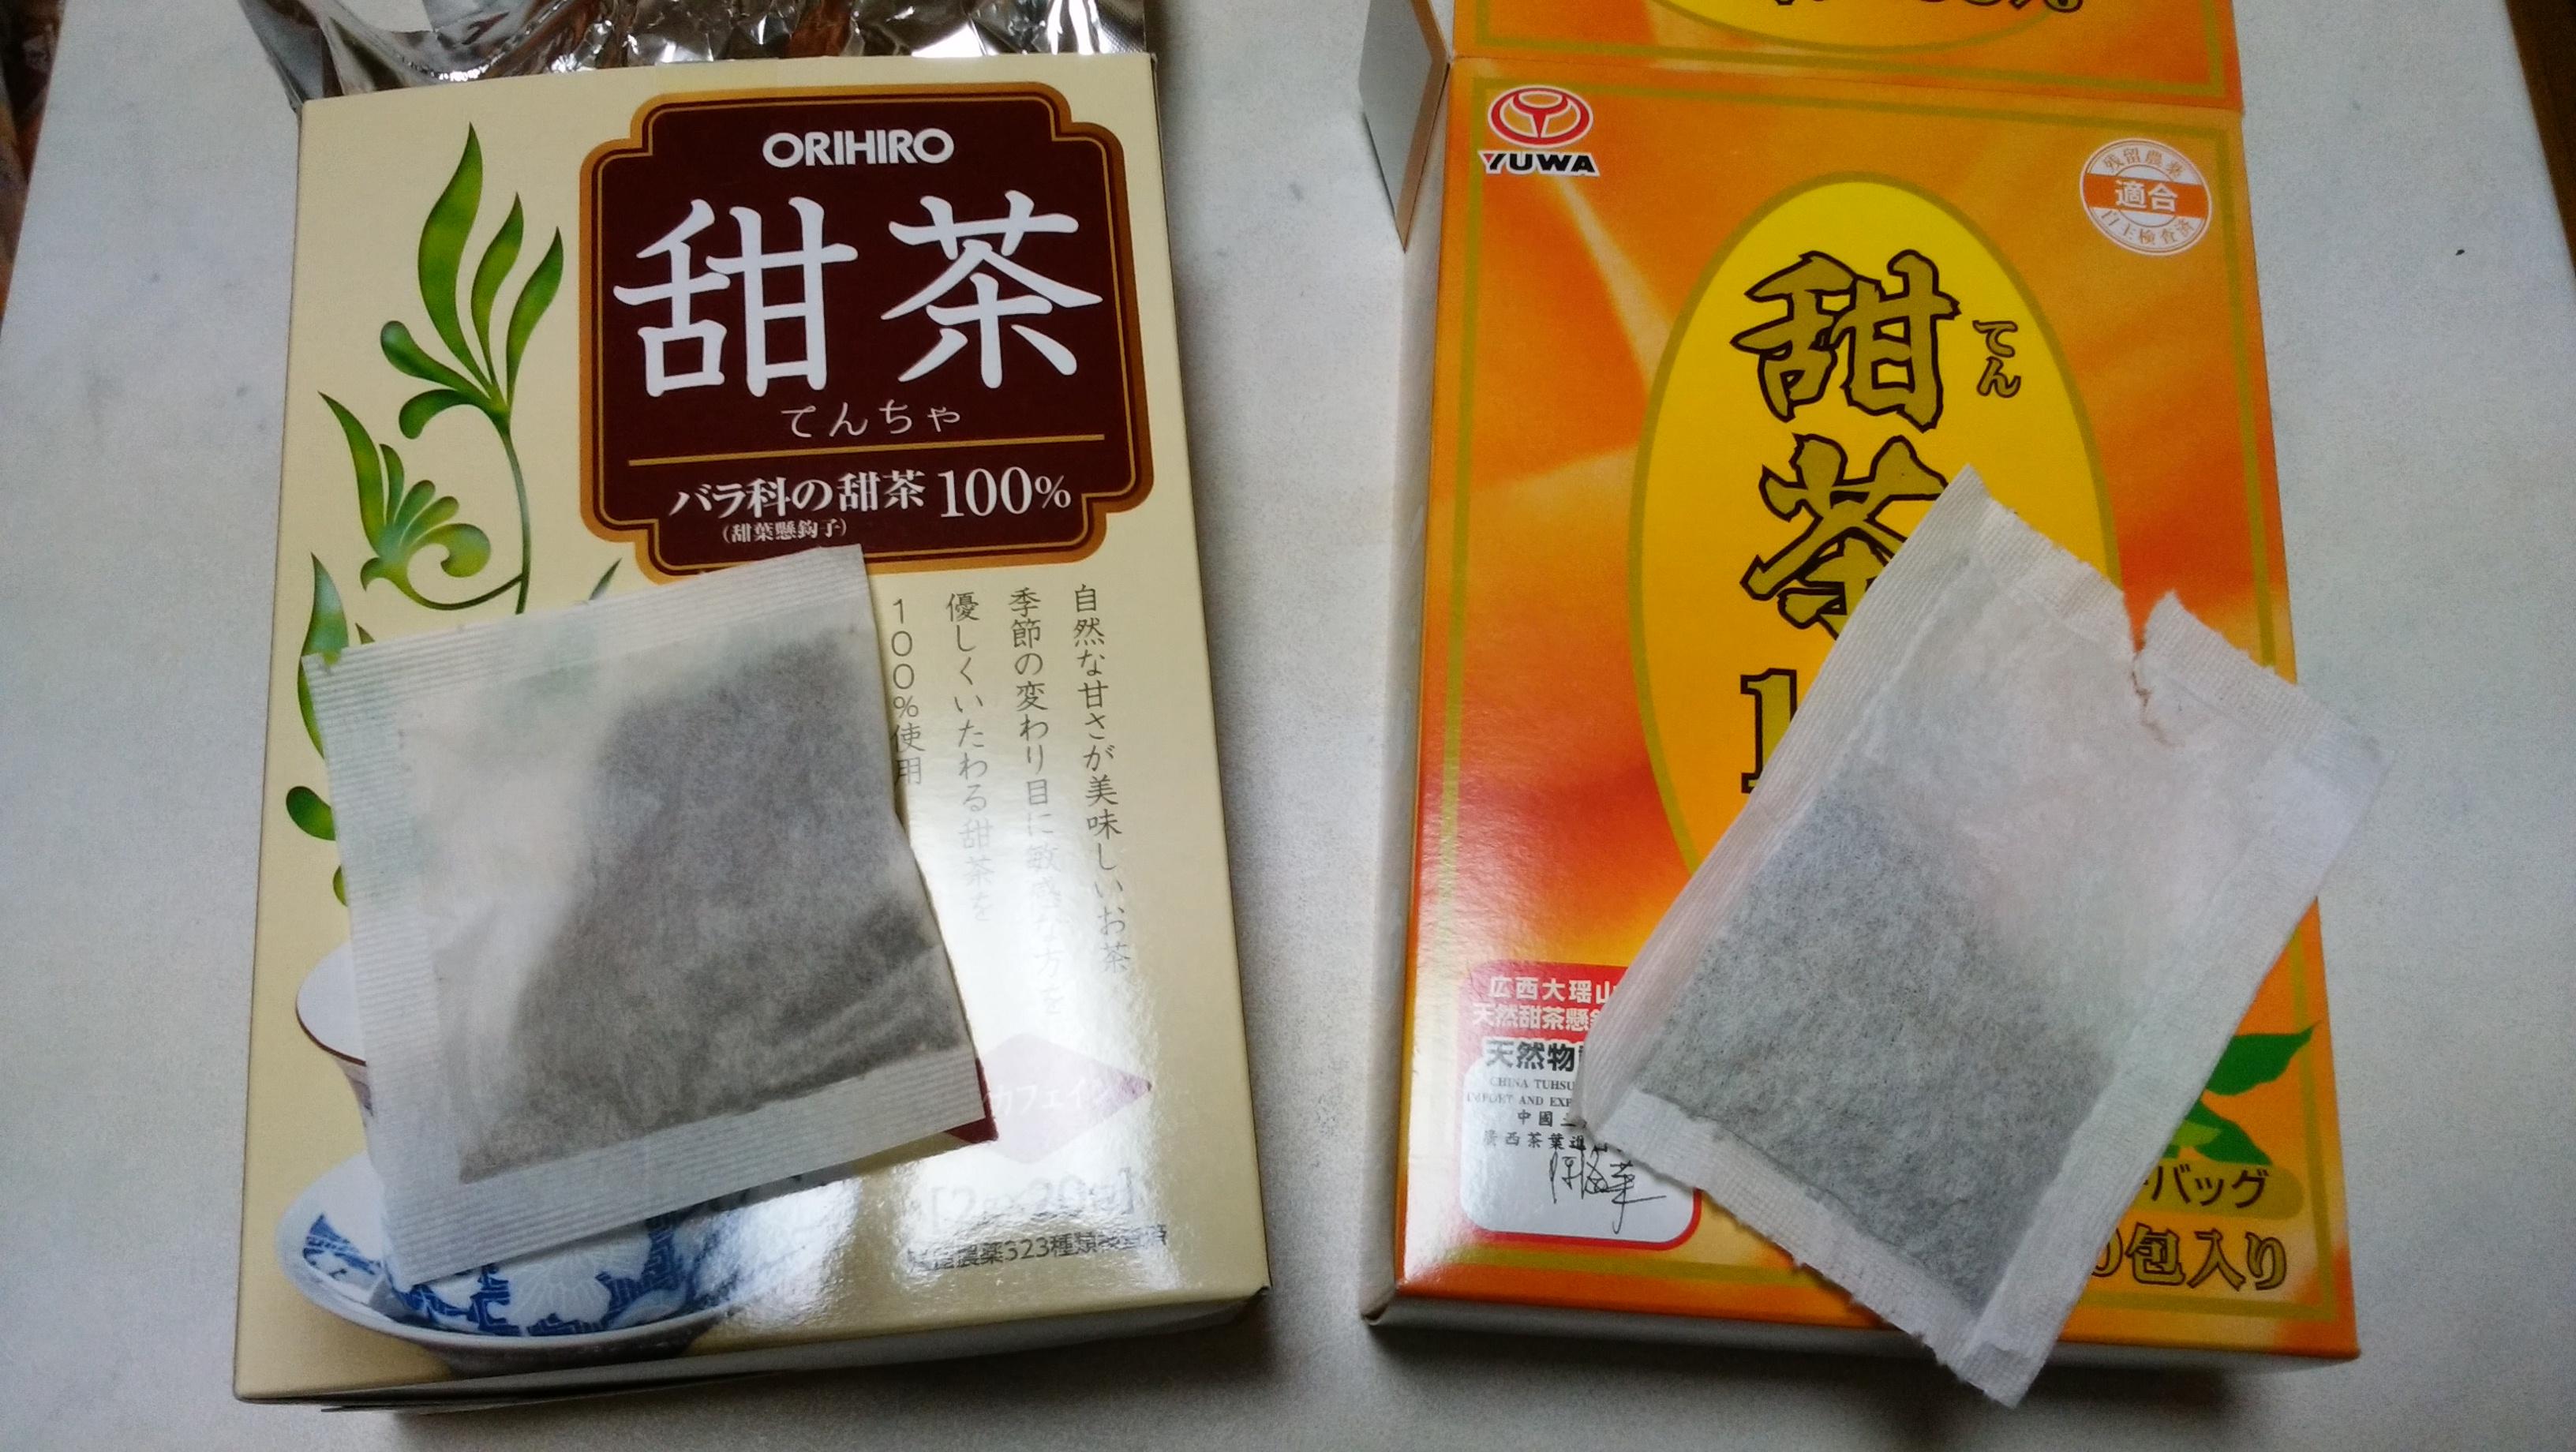 甜茶オリヒロとユーワ